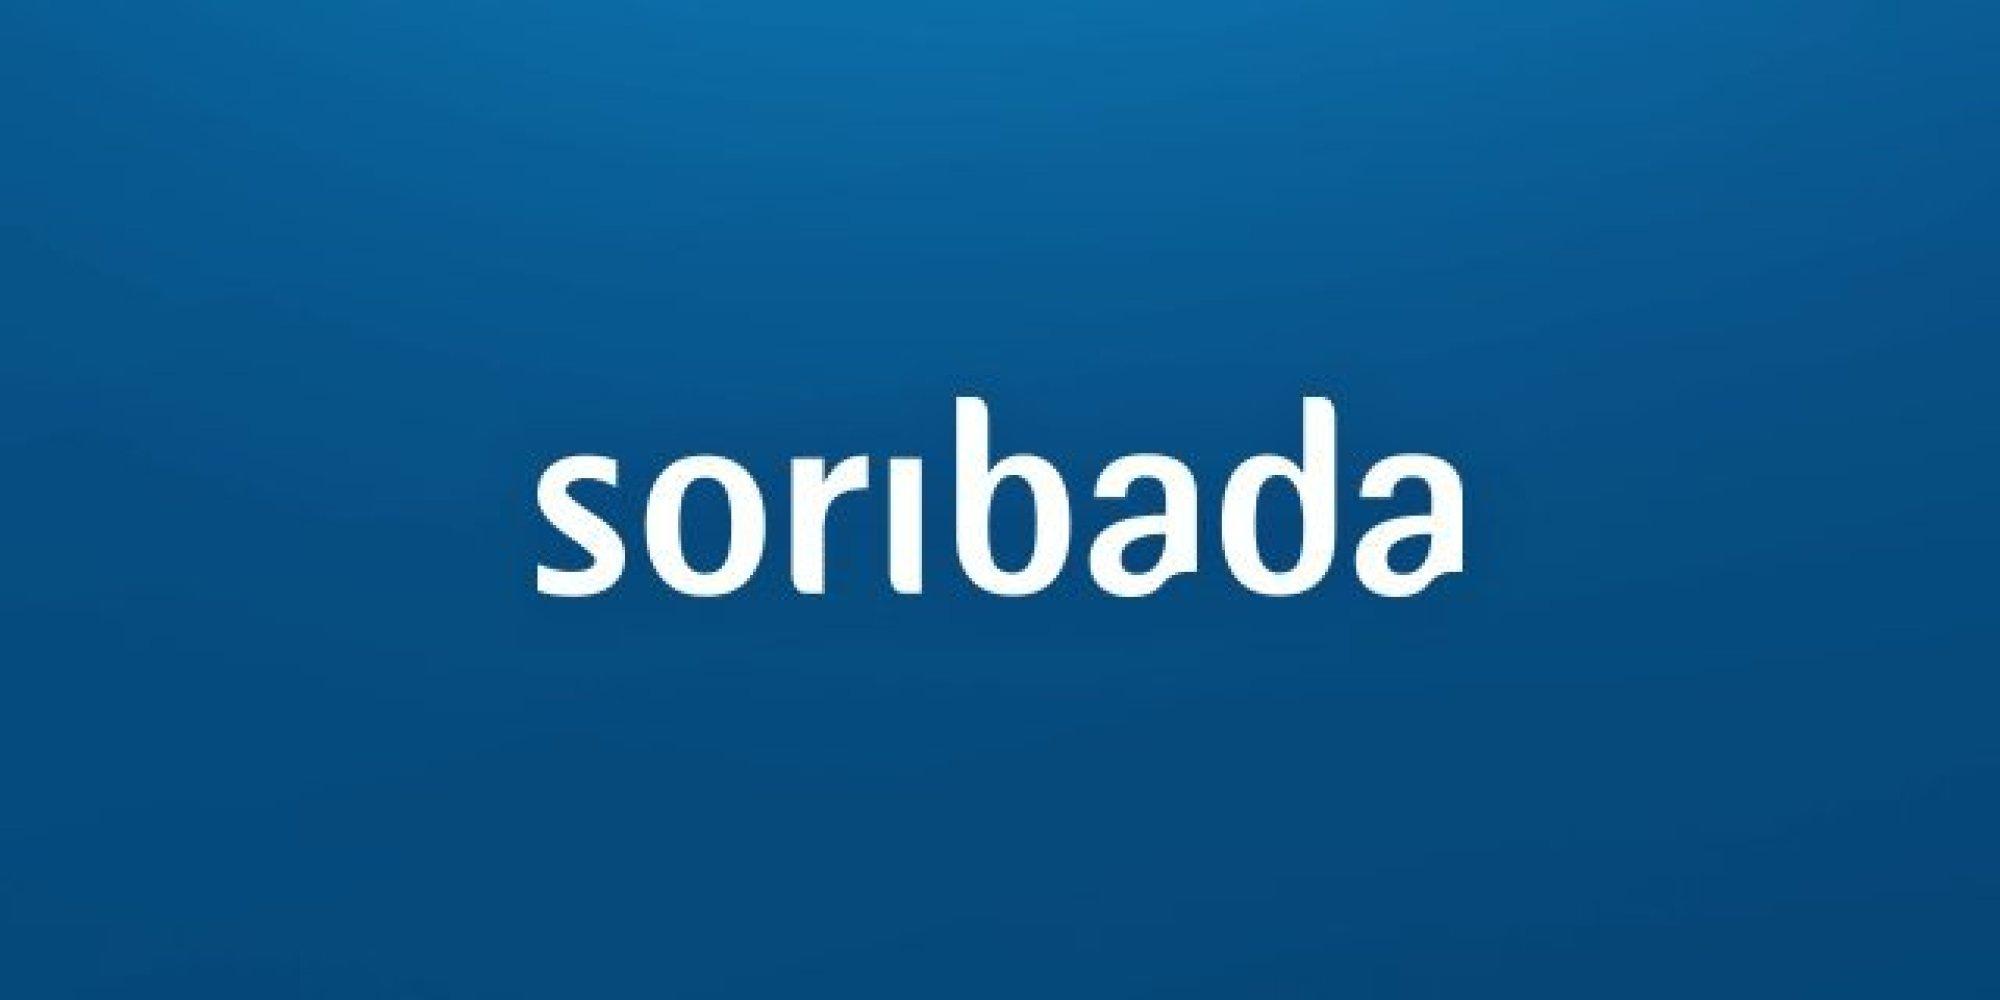 Music Platform Soribada To Host Their First Ever Awards Ceremony